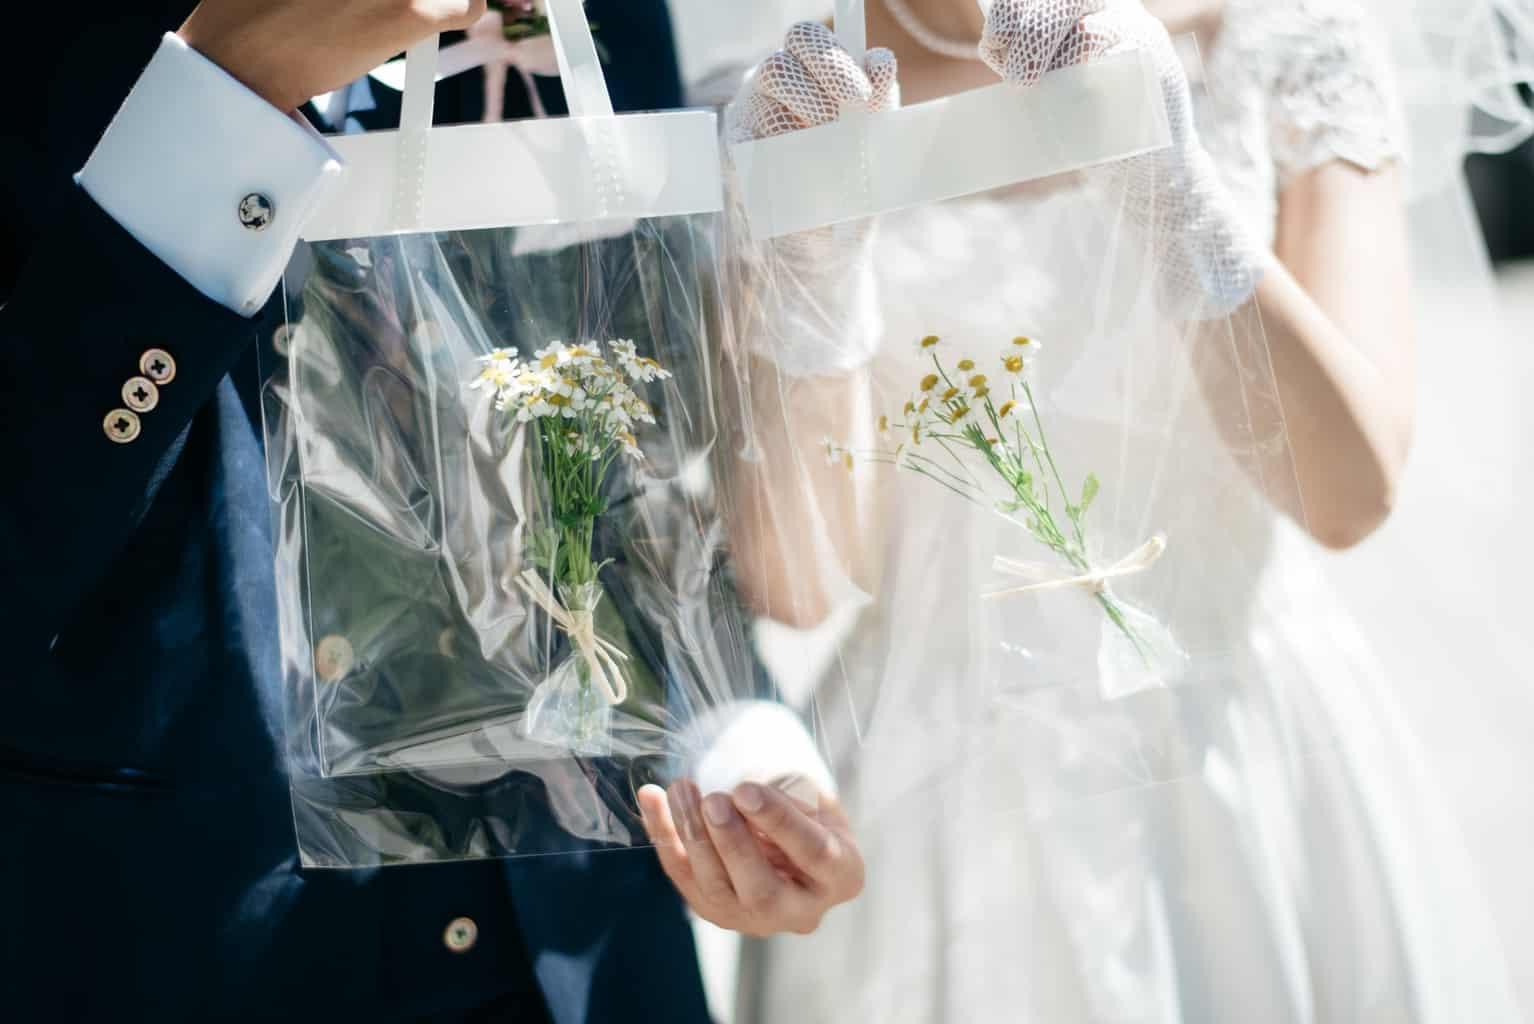 席札やギフトの持ち帰り袋には「クリアバッグ」がおすすめ♡実例や購入先など*のカバー写真 0.6675358539765319